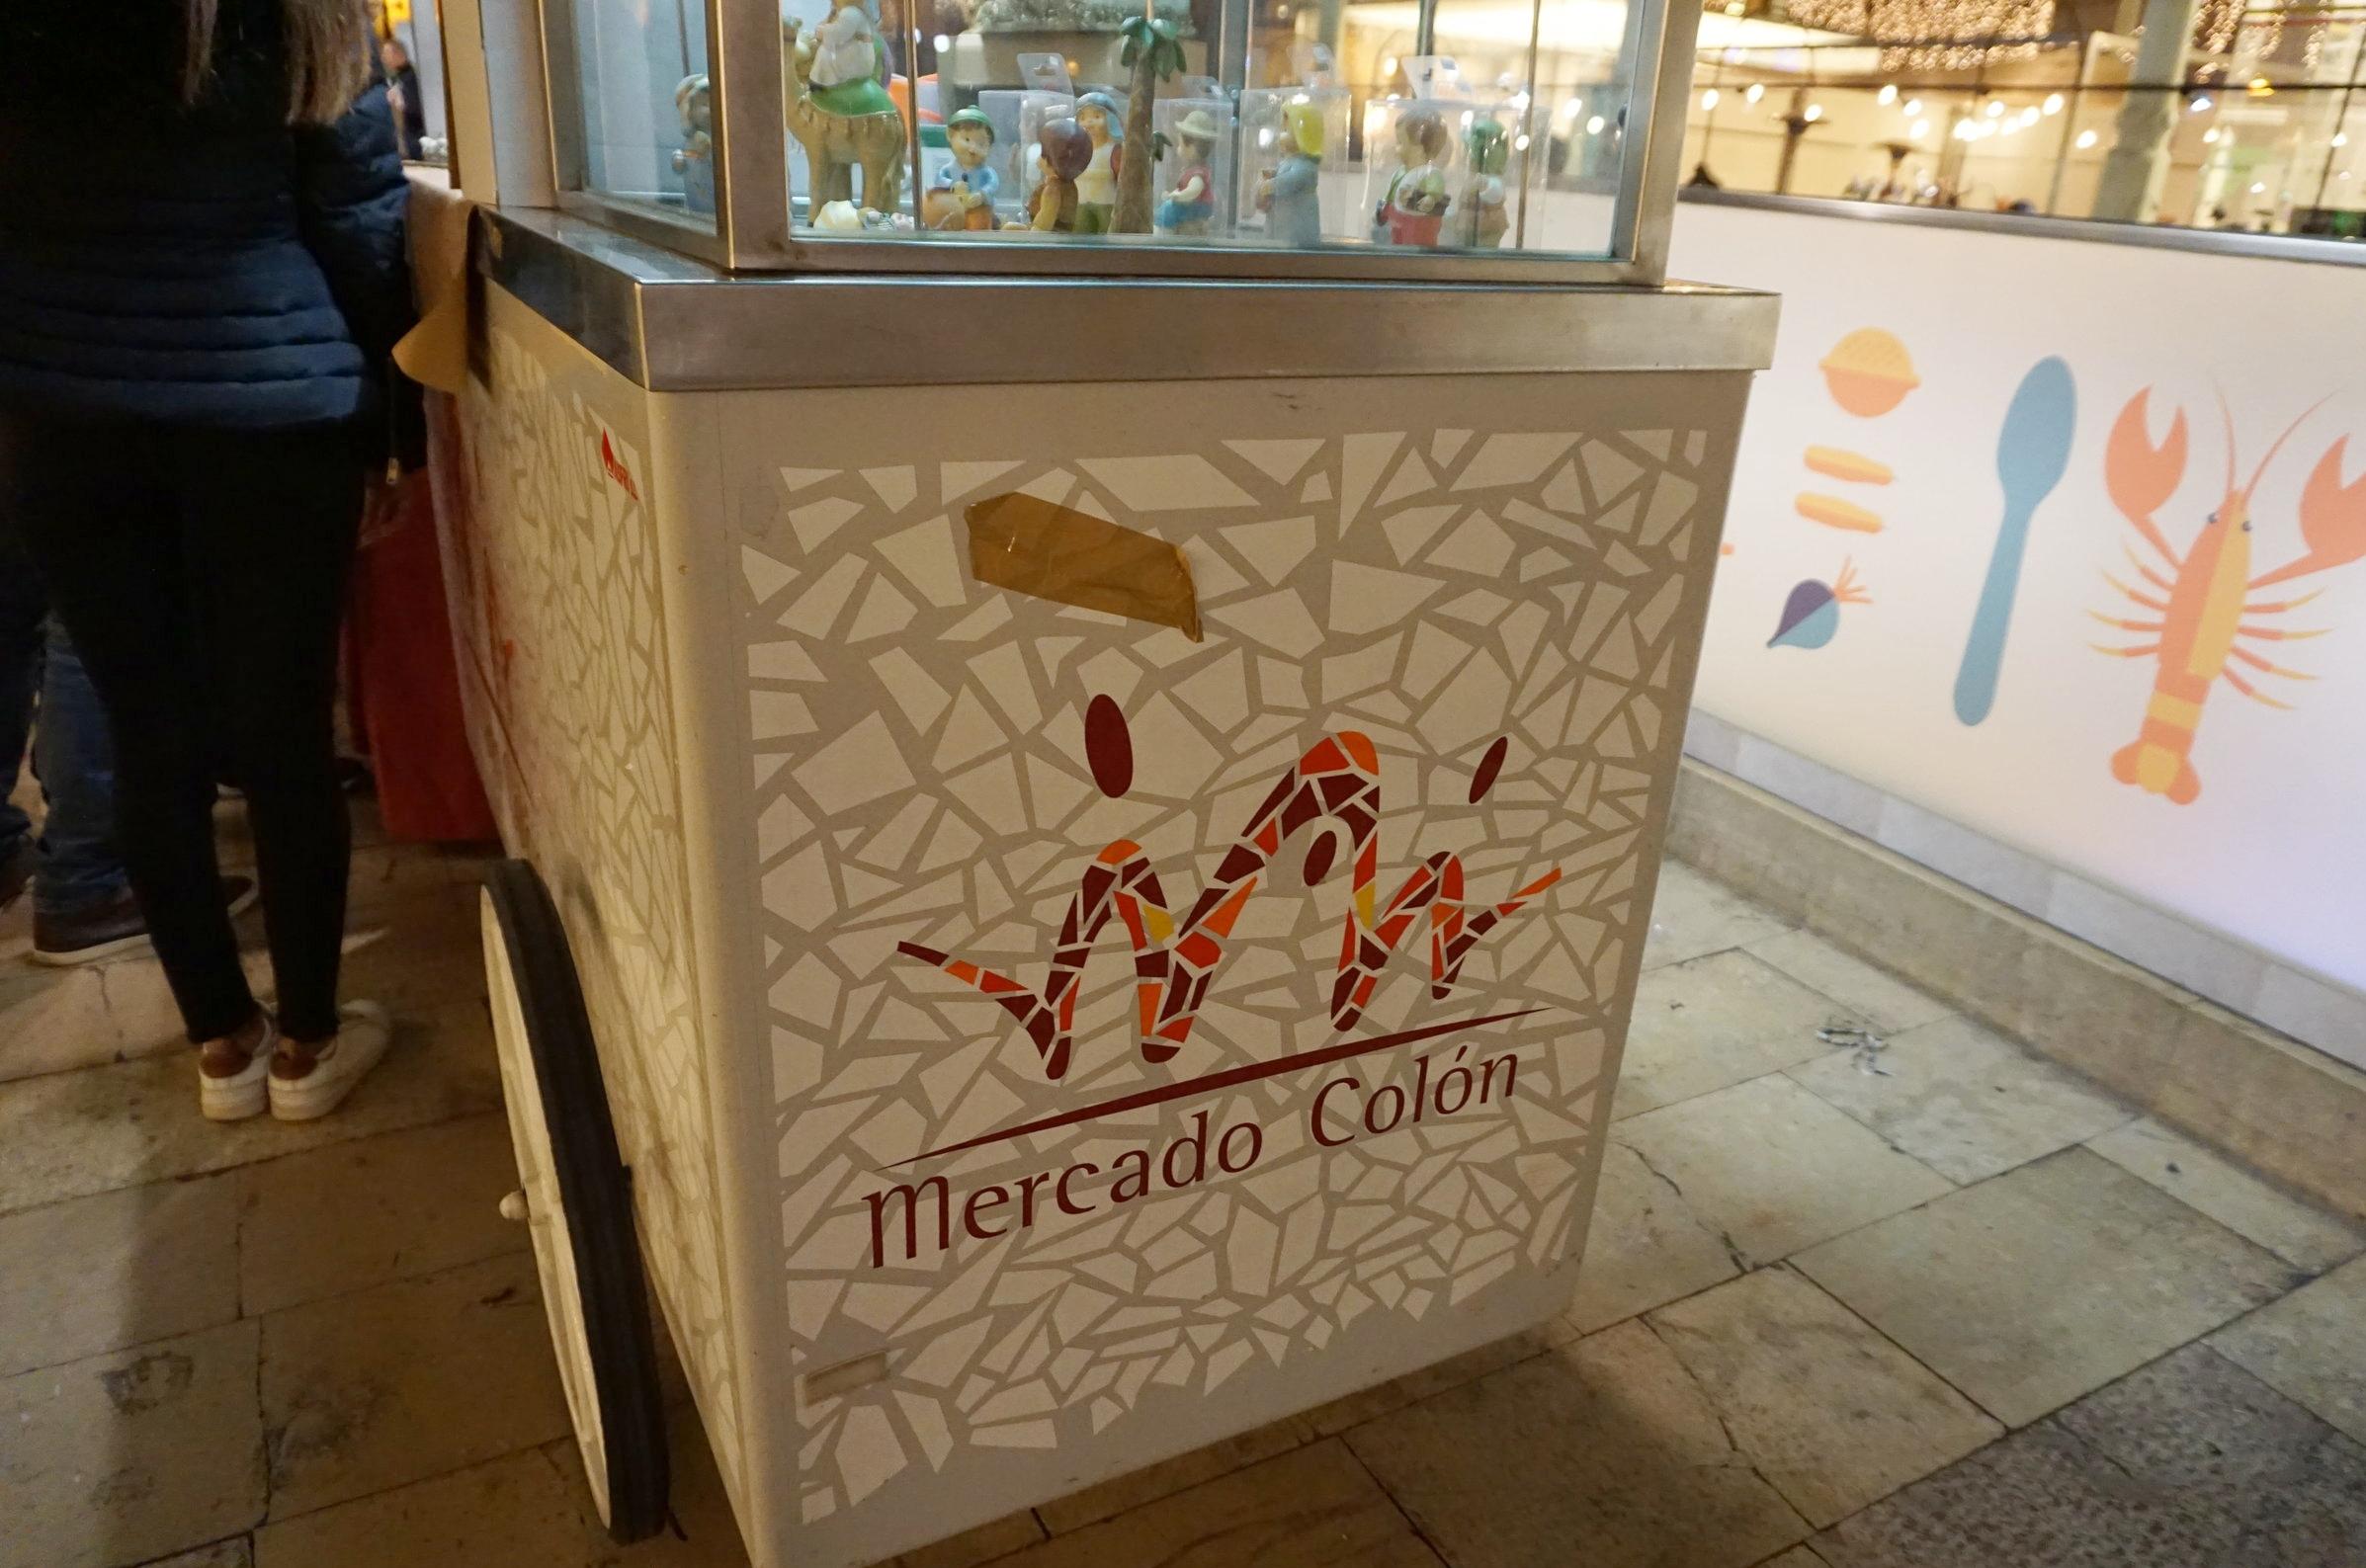 Mercado Colon food cart in Valencia, Spain